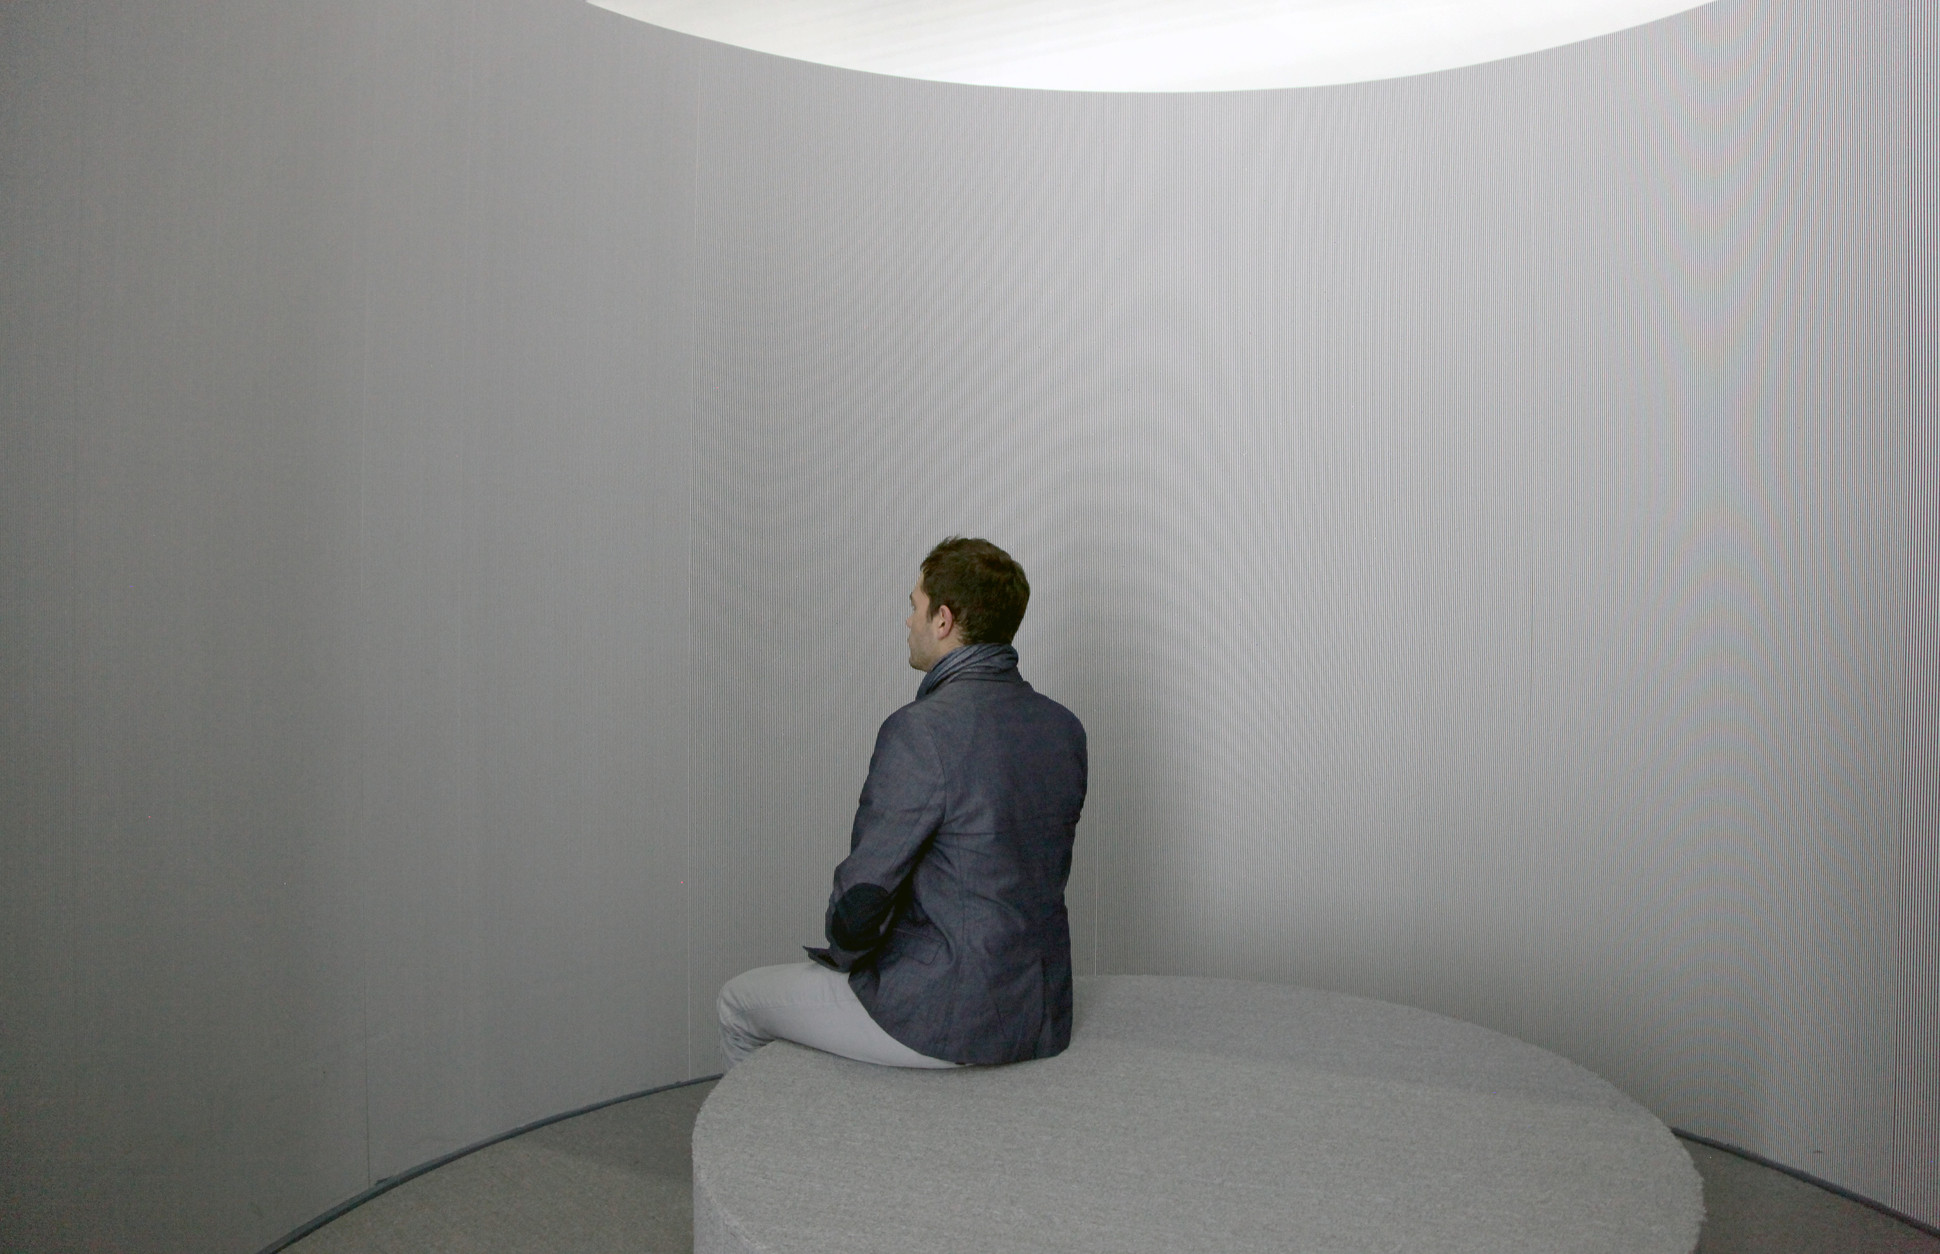 2016. Circular room. Wallpaper, wooden bench, rotational mechanism Diameter 300 x 300 cm